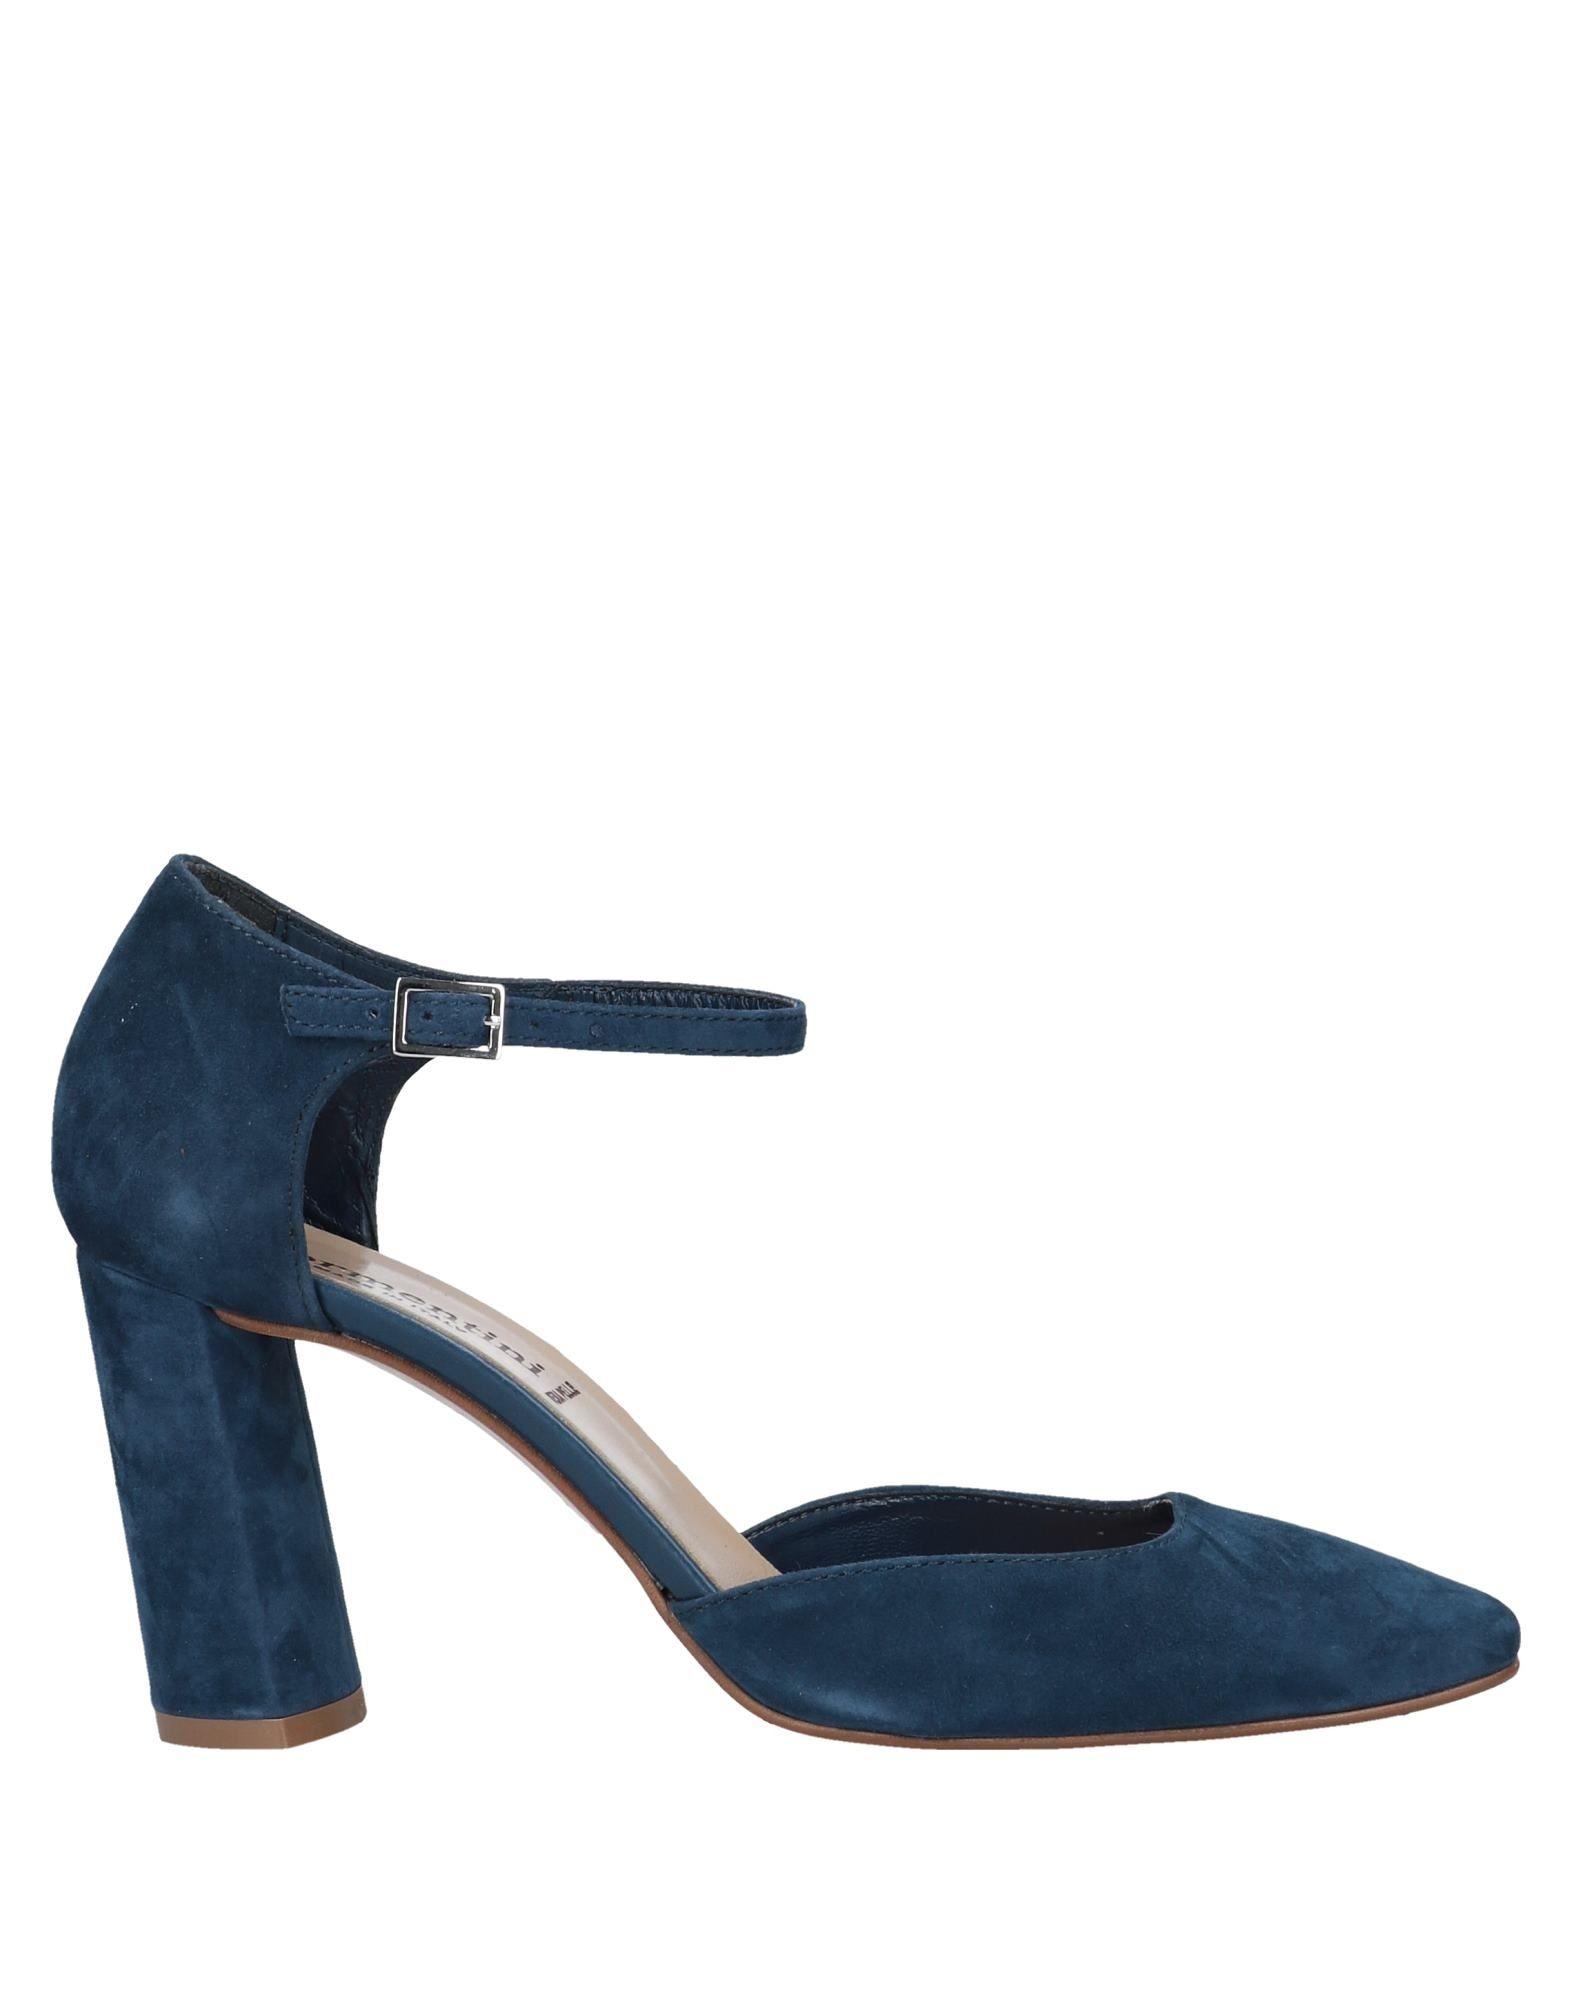 Formentini Pumps Damen beliebte  11560376SN Gute Qualität beliebte Damen Schuhe 280d77